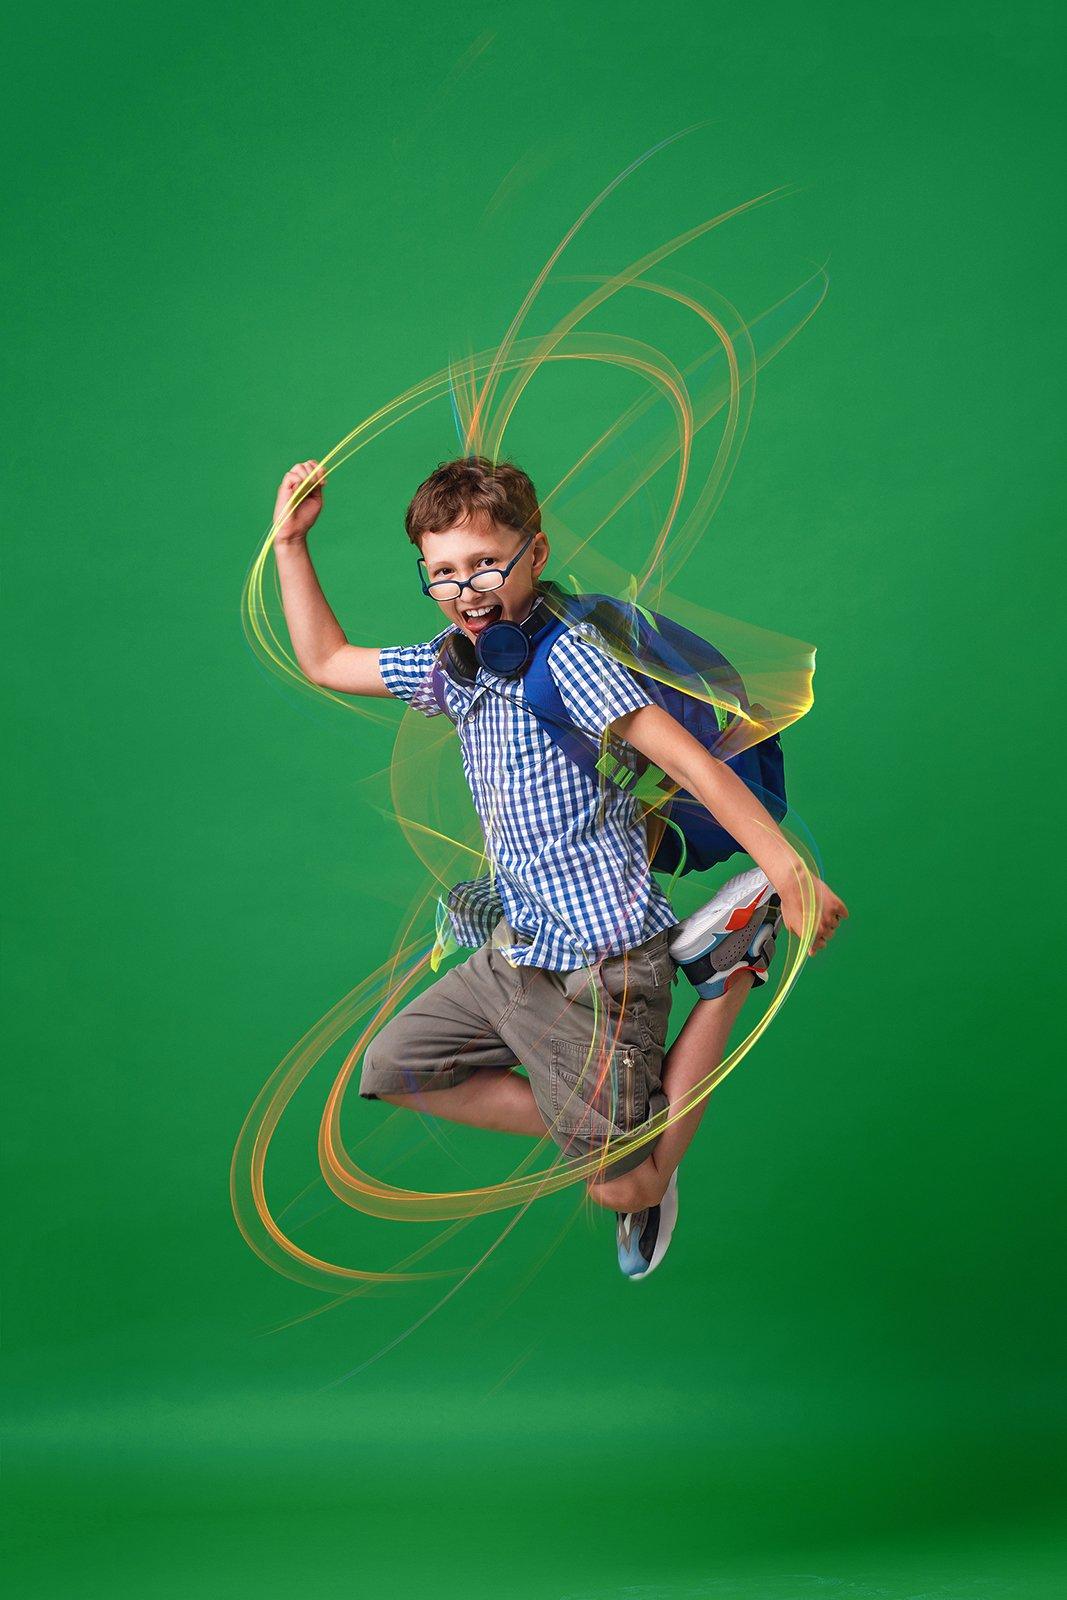 抽象科技烟雾线条装饰笔刷PNG透明图片设计素材 Abstract Brush Transparent PNG插图3